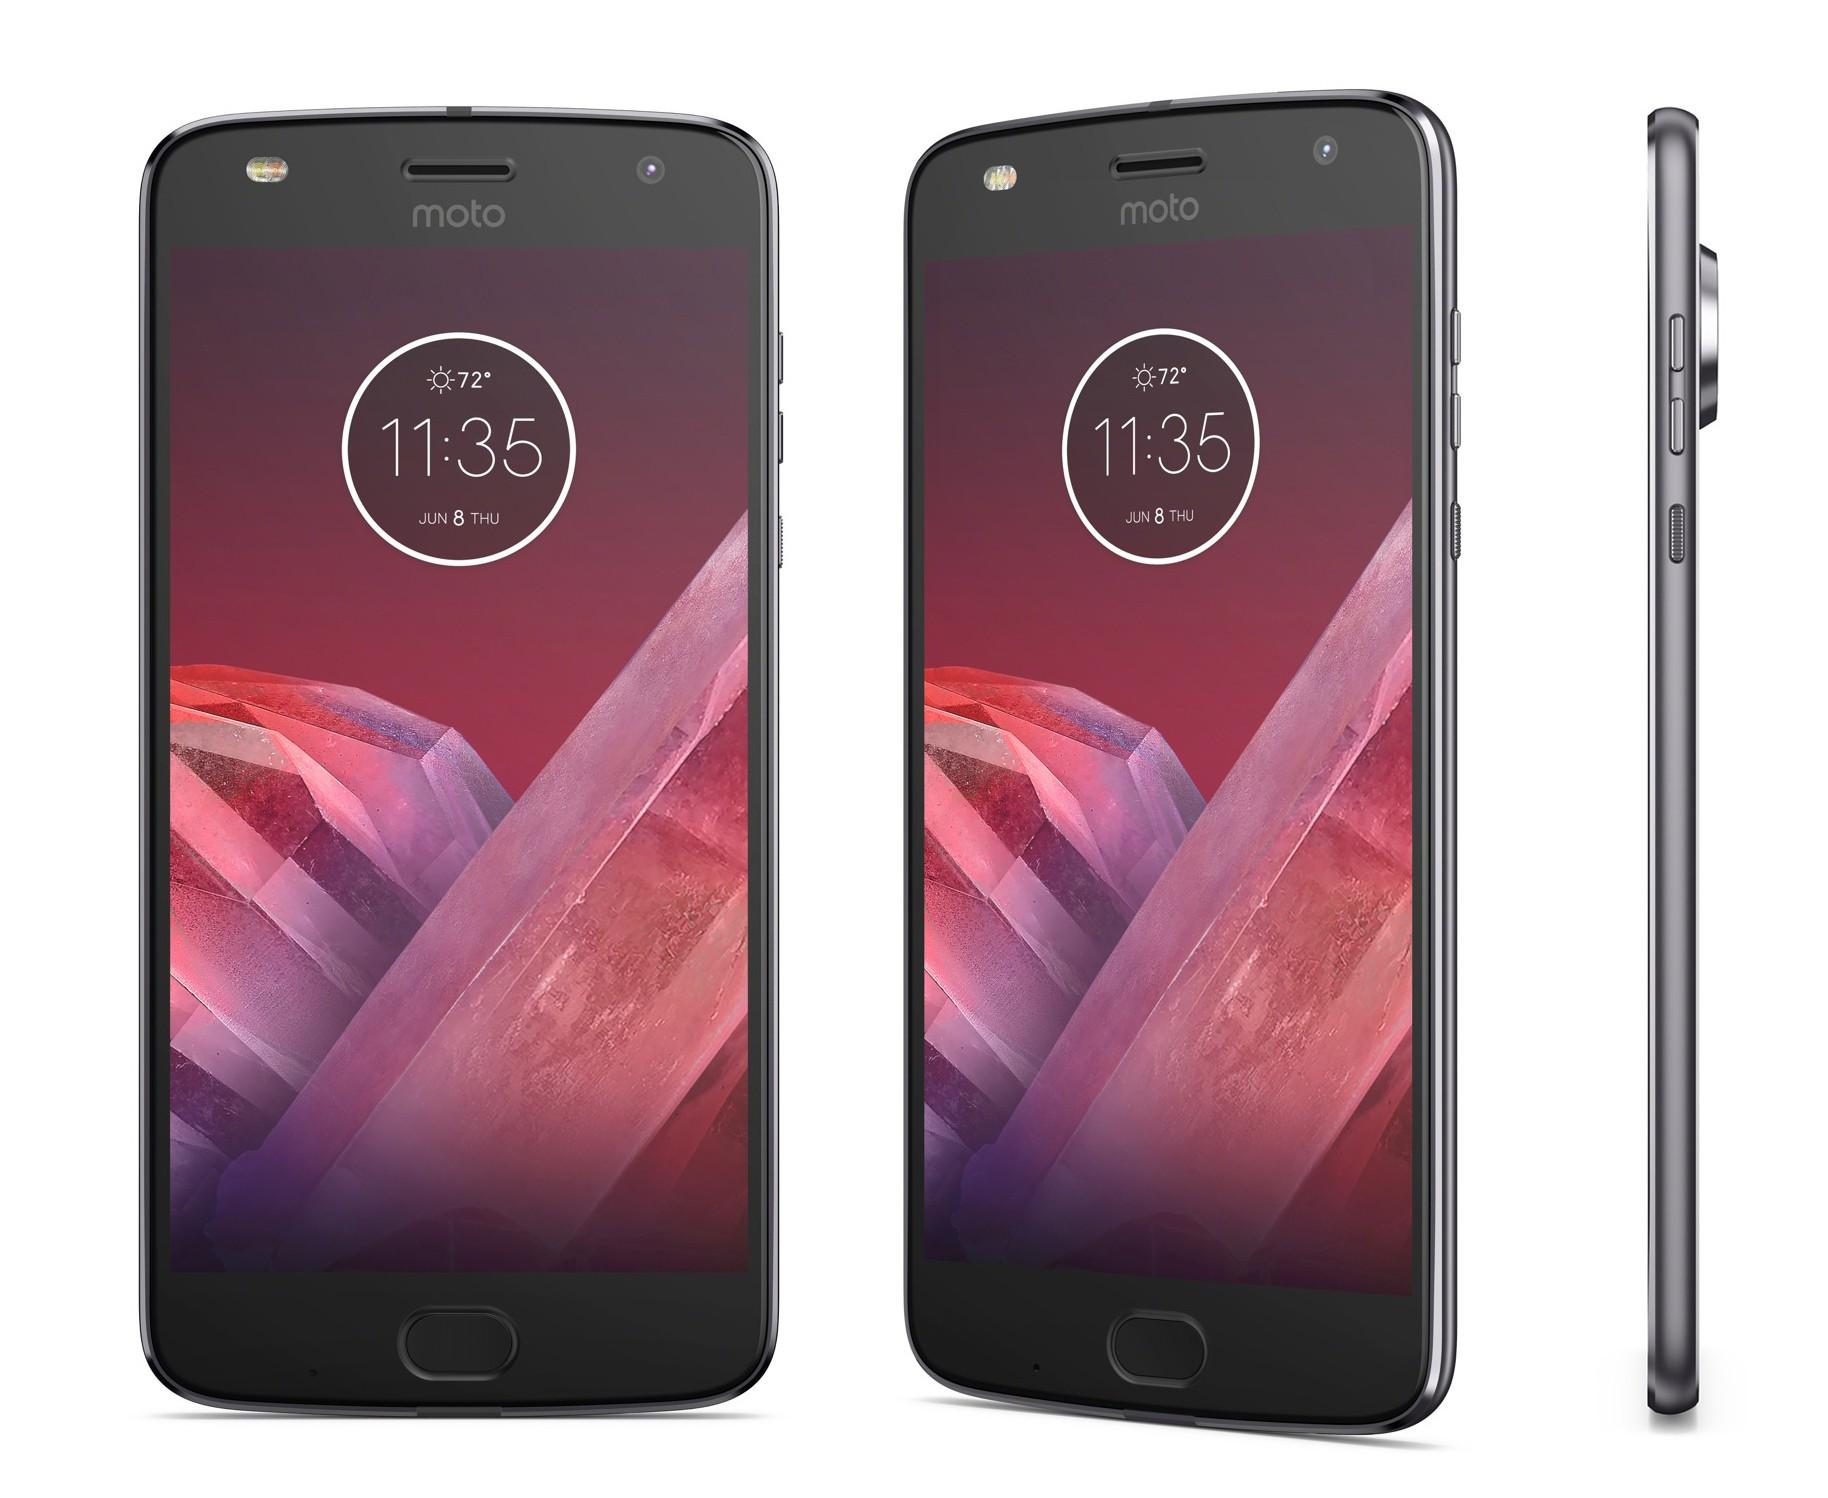 Migliori smartphone – Motorola Moto Z2 Play vs Huawei P10: hardware e dettagli con foto!